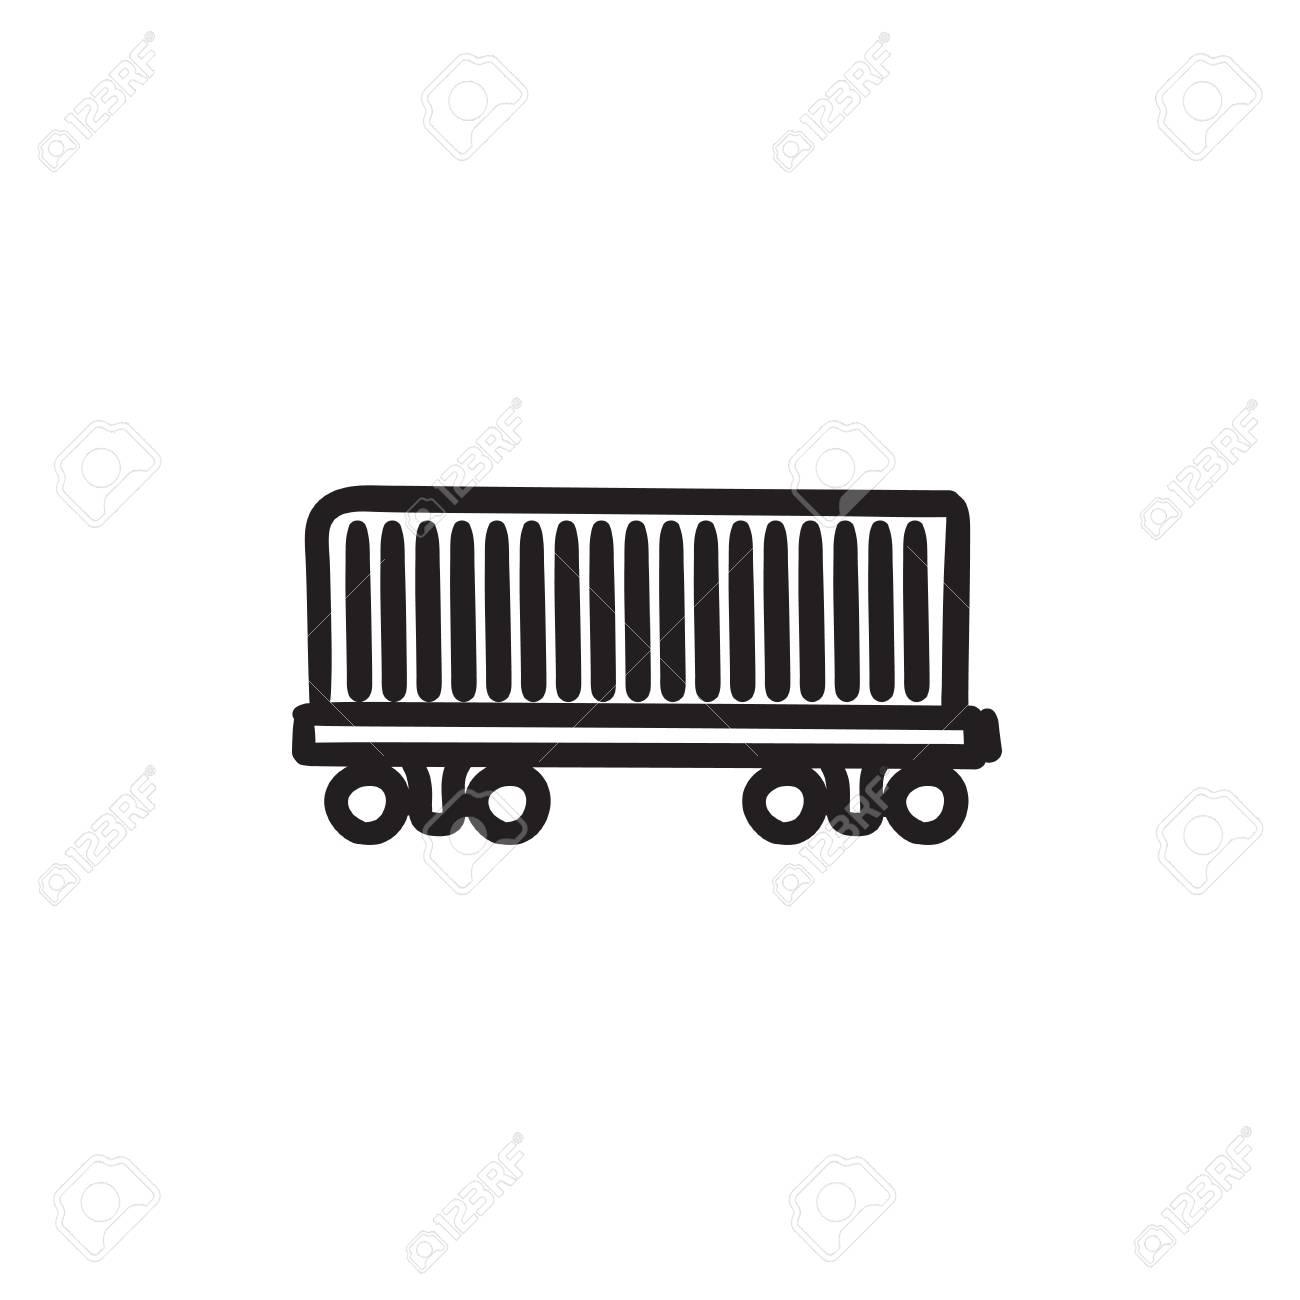 Güterwagen Vektor Skizze Symbol Auf Hintergrund Isoliert ...